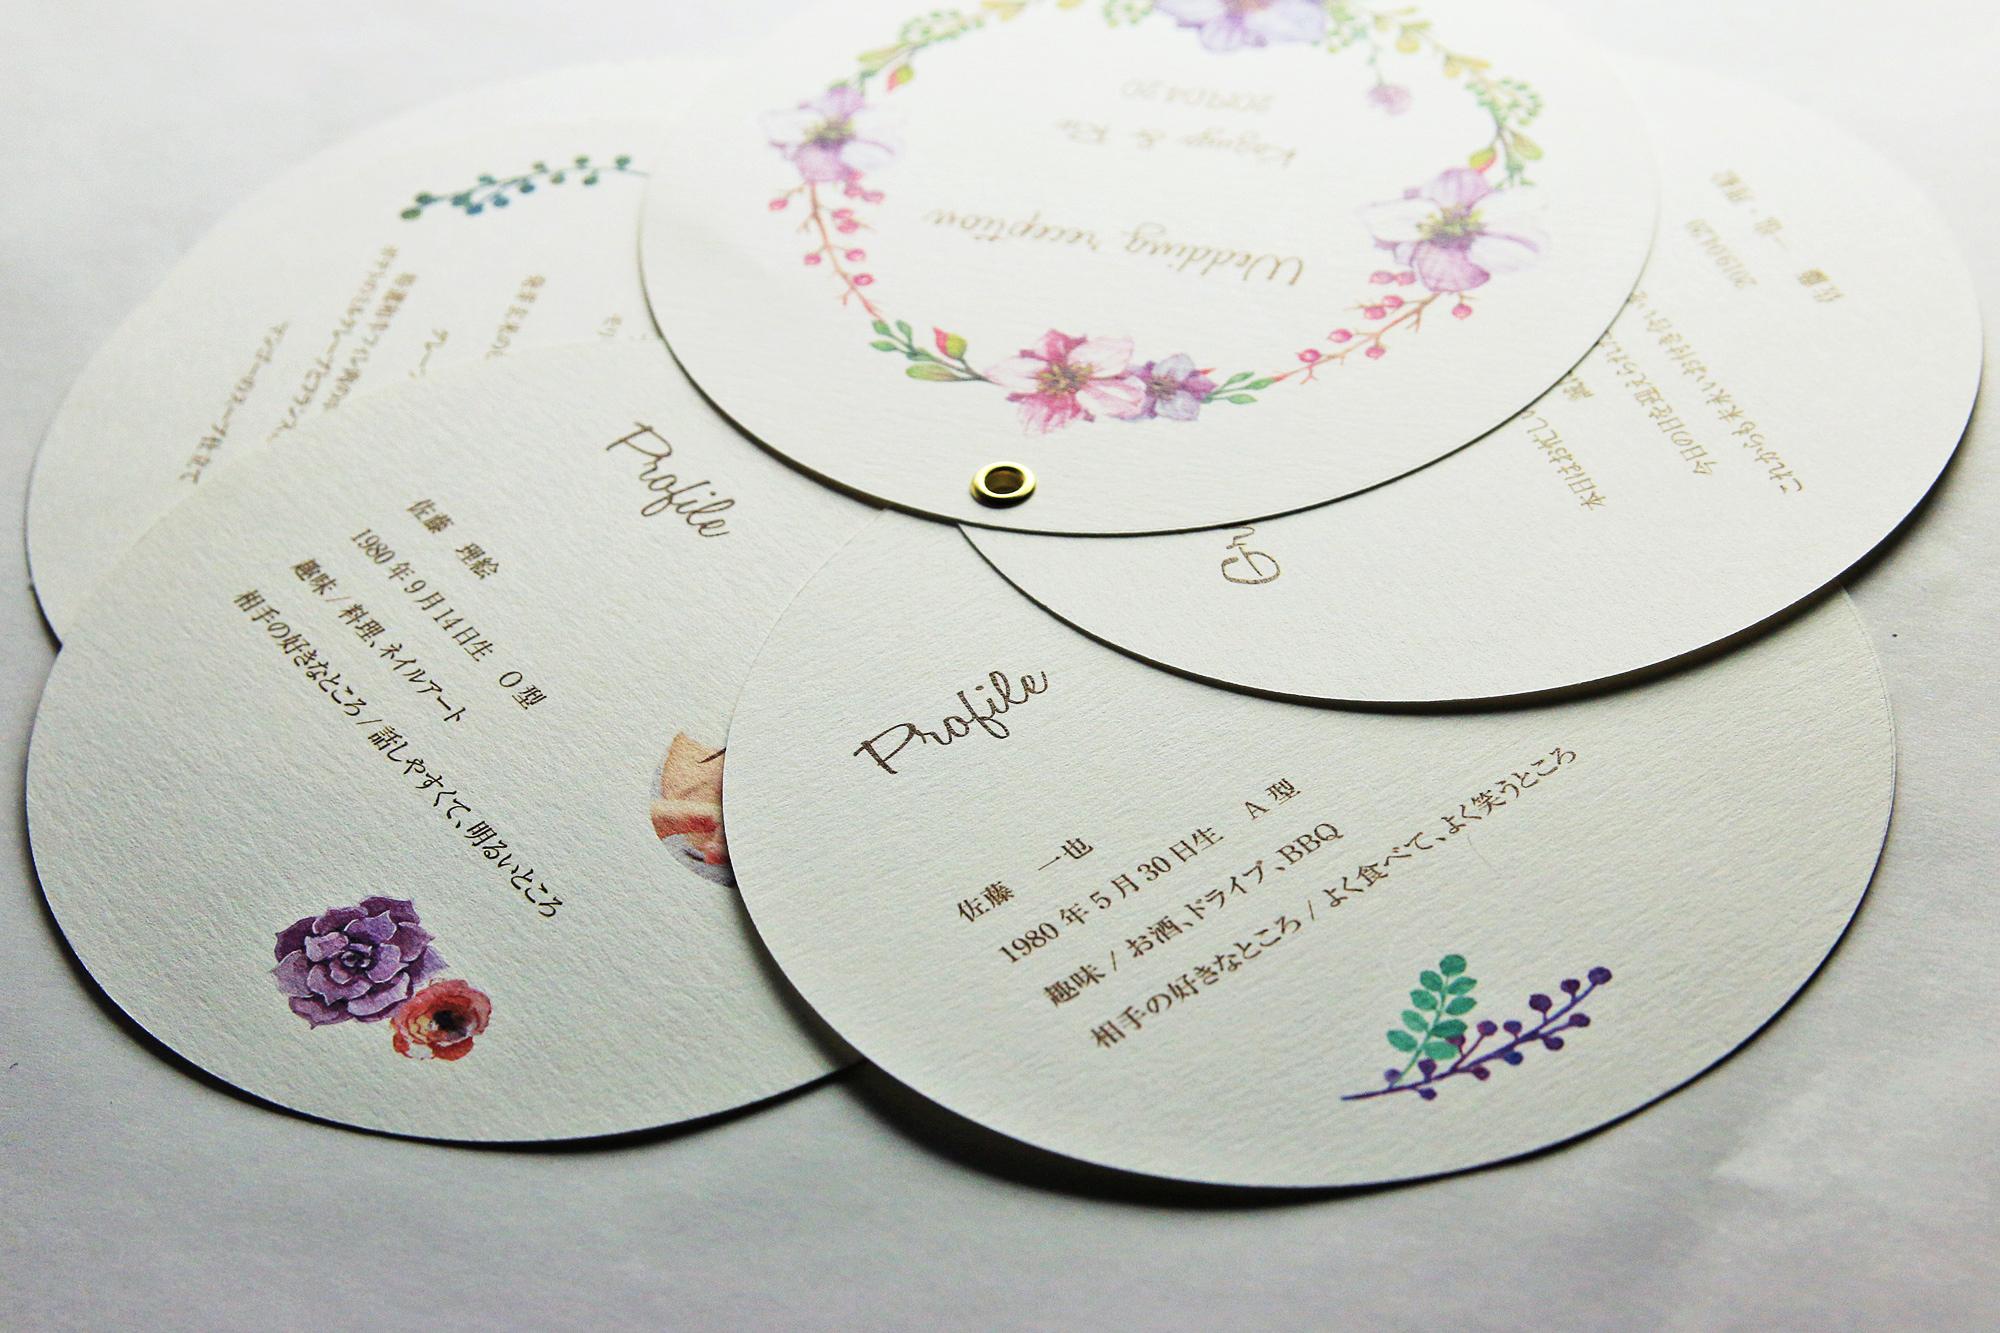 結婚式ペーパーアイテム<br>(プロフィール)